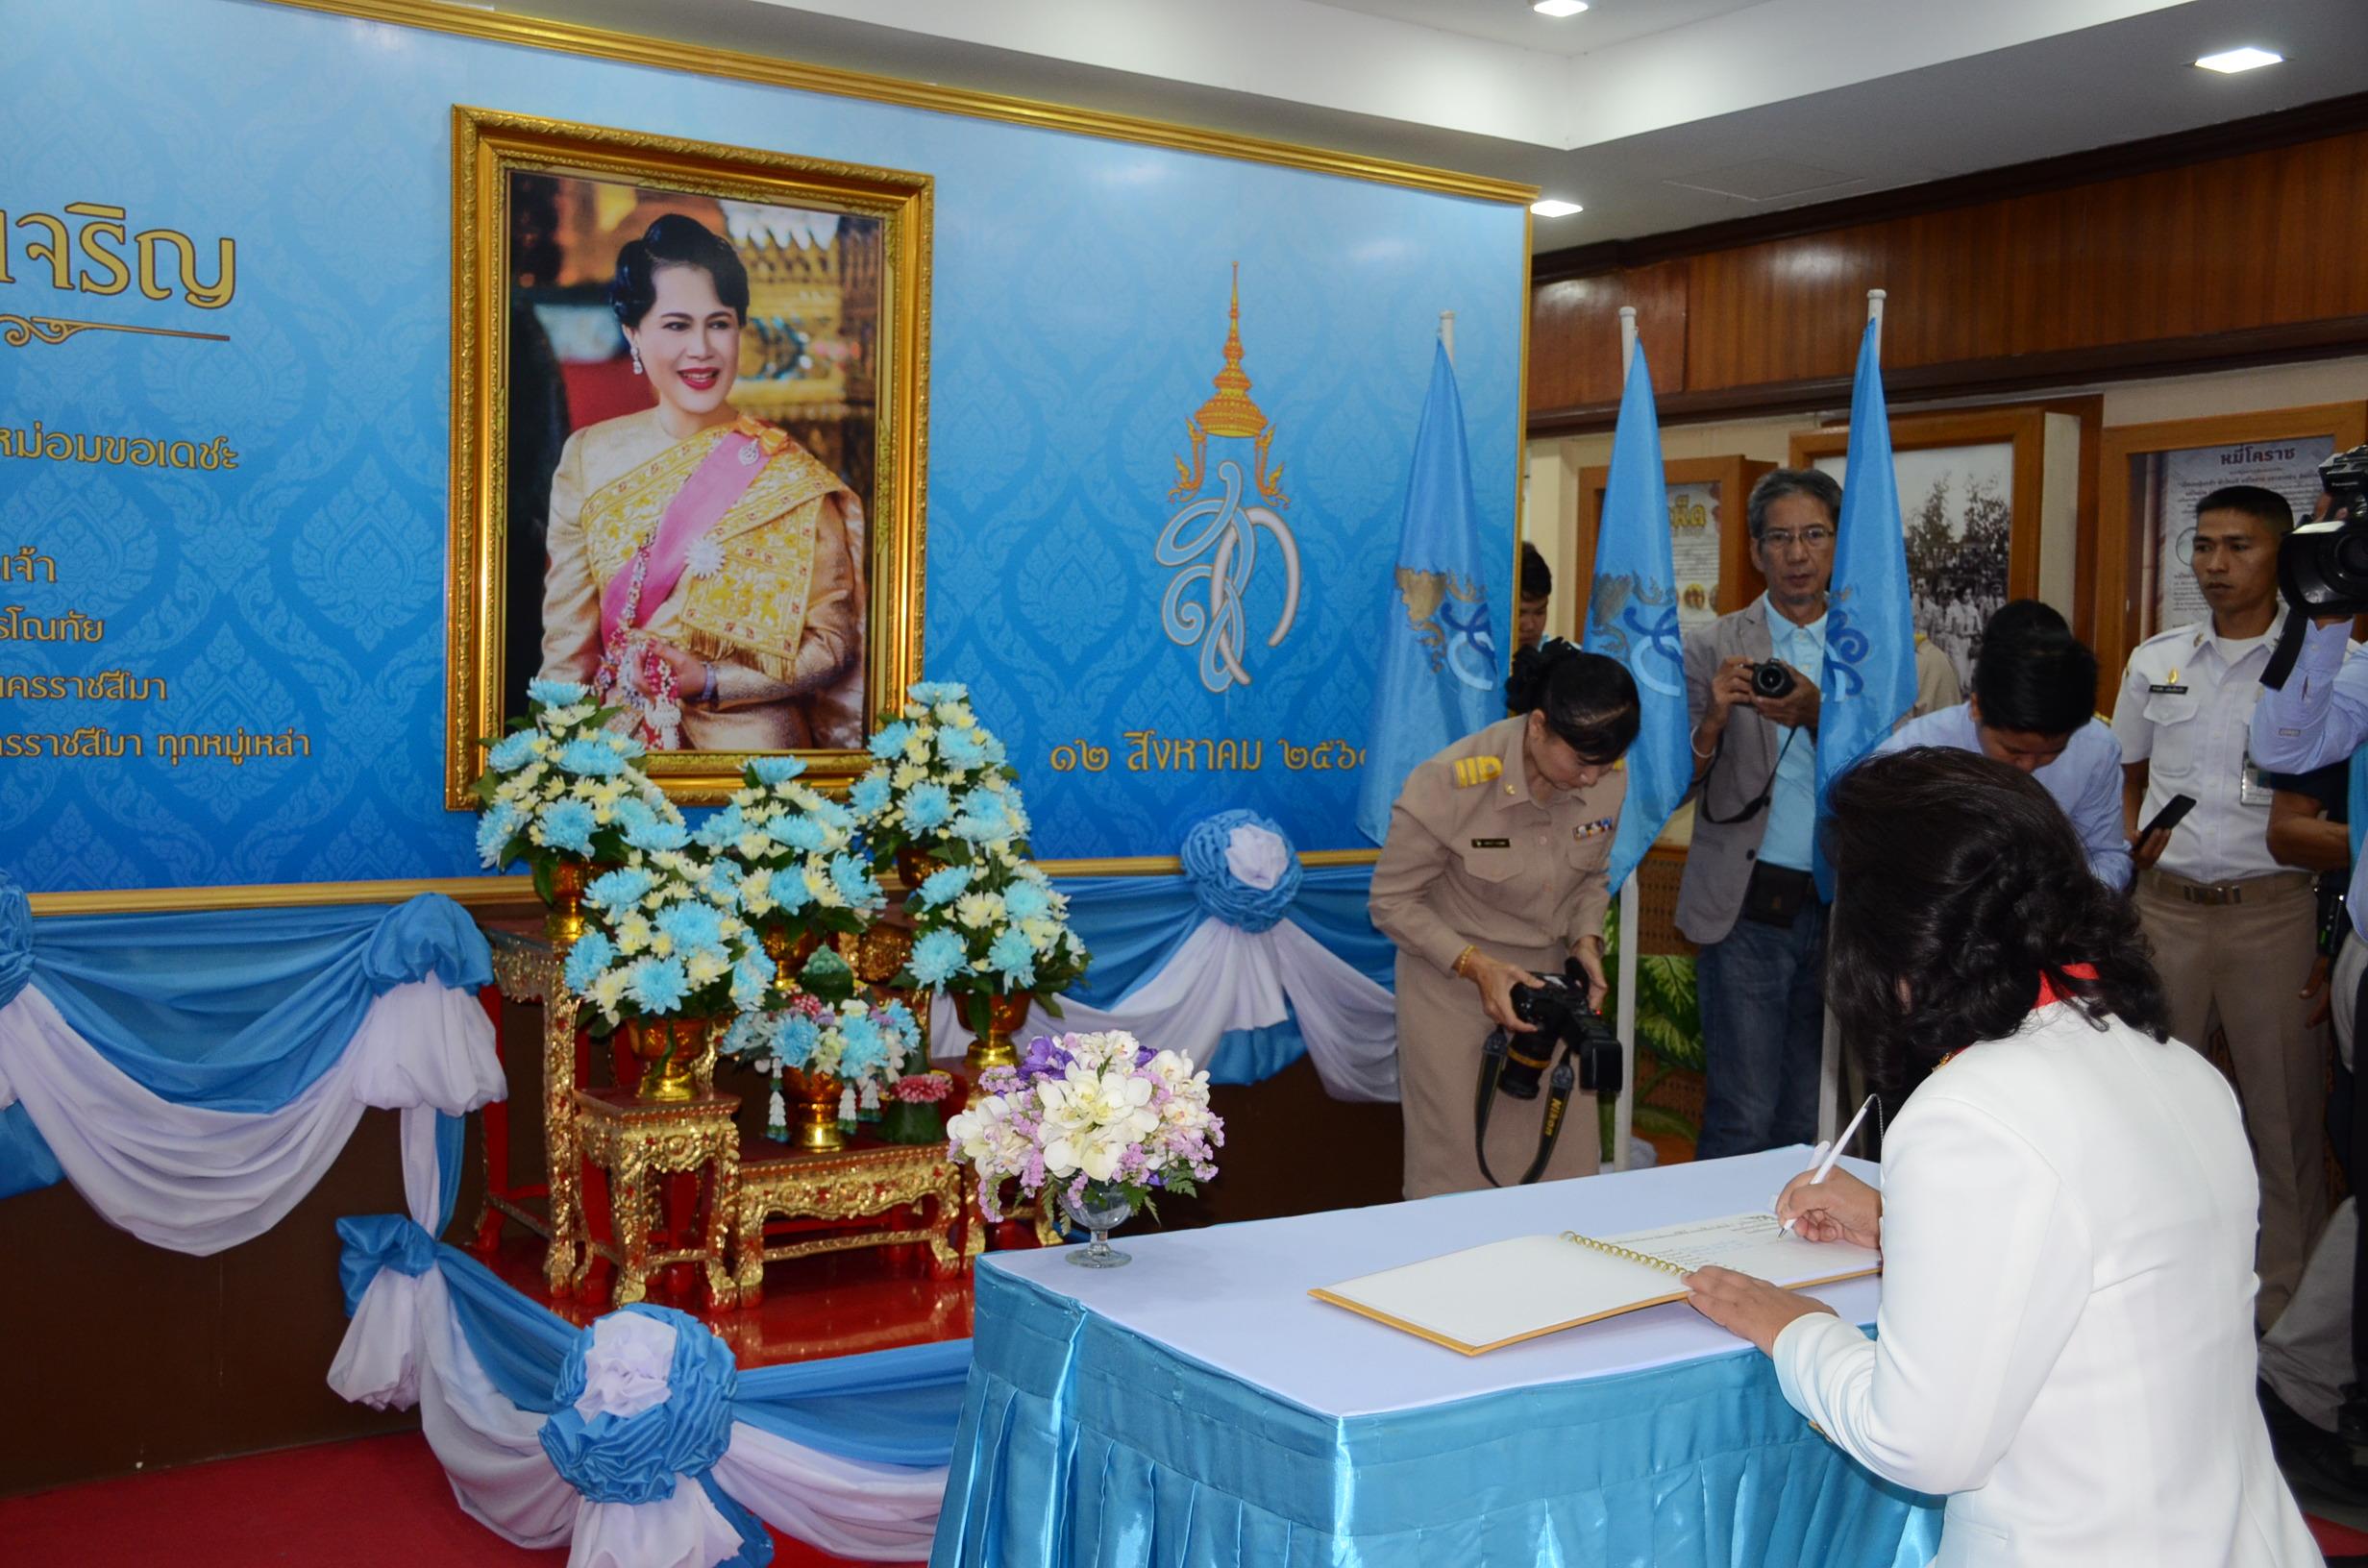 ผู้ว่าฯโคราชนำหัวหน้าส่วนราชการลงนามถวายพระพรสมเด็จพระราชินีในรัชกาลที่ 9